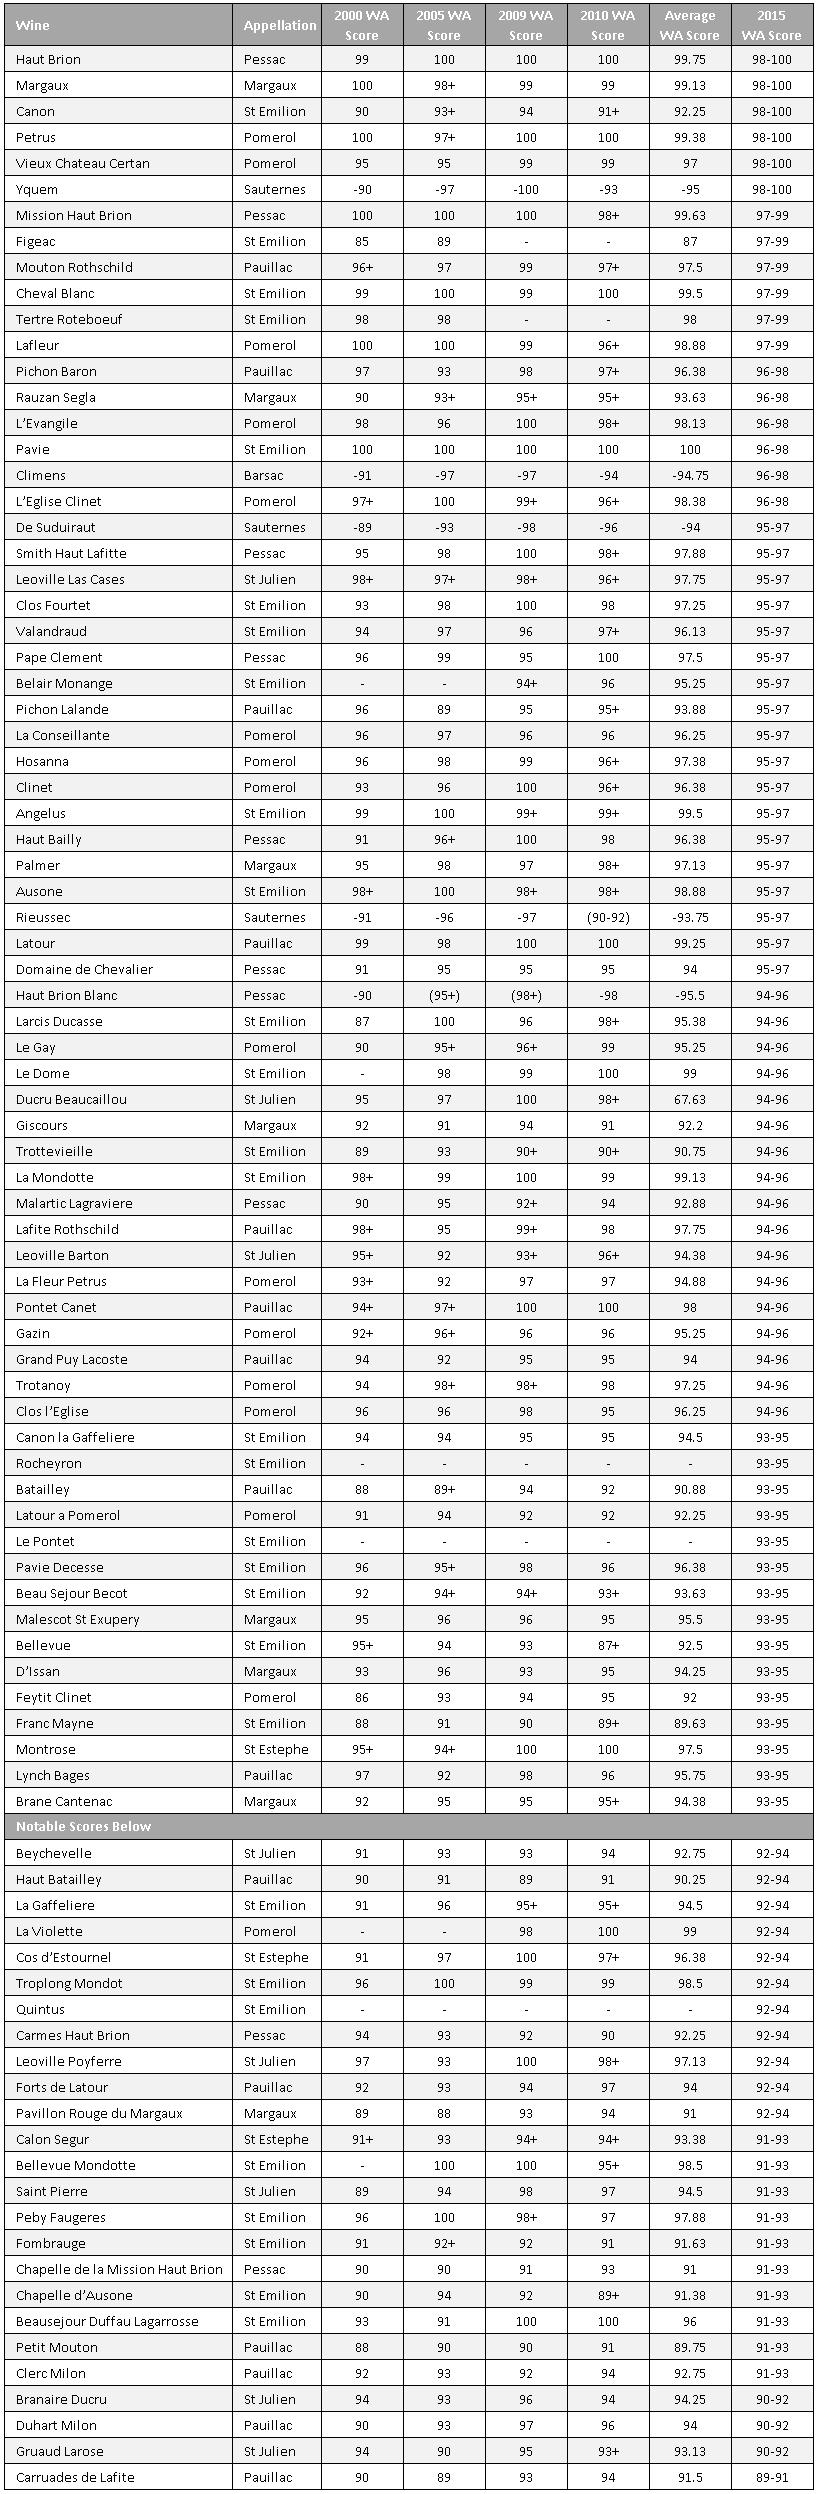 NM Scores